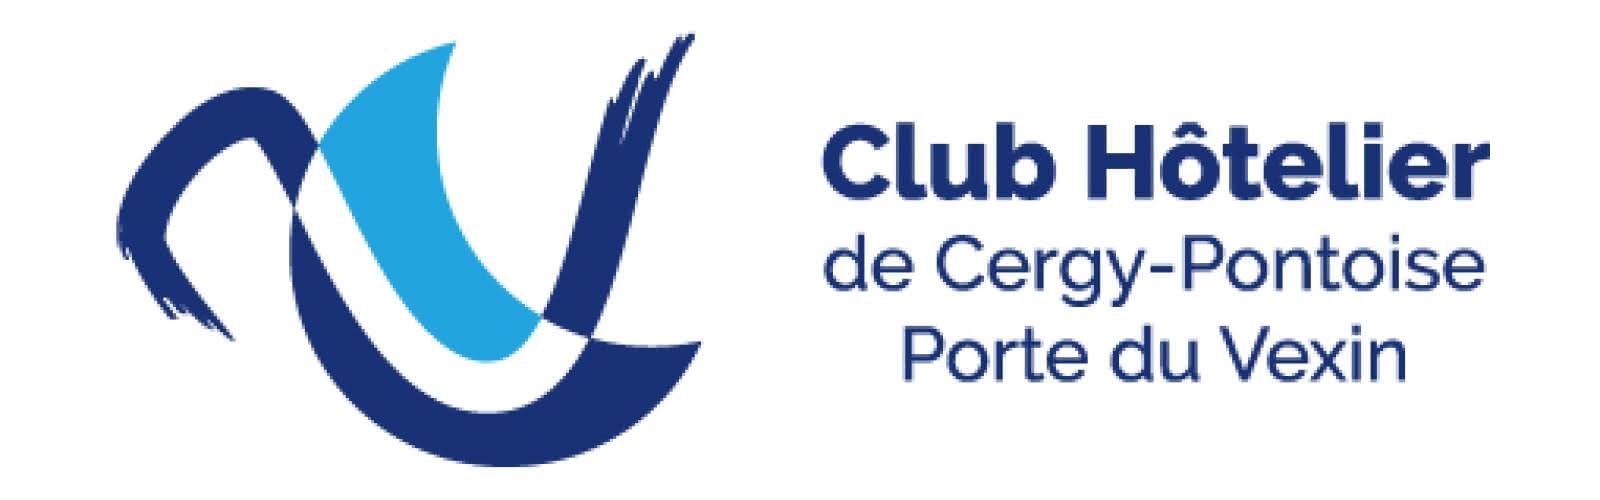 Logo du Club Hôtelier de Cergy Pontoise Porte du Vexin